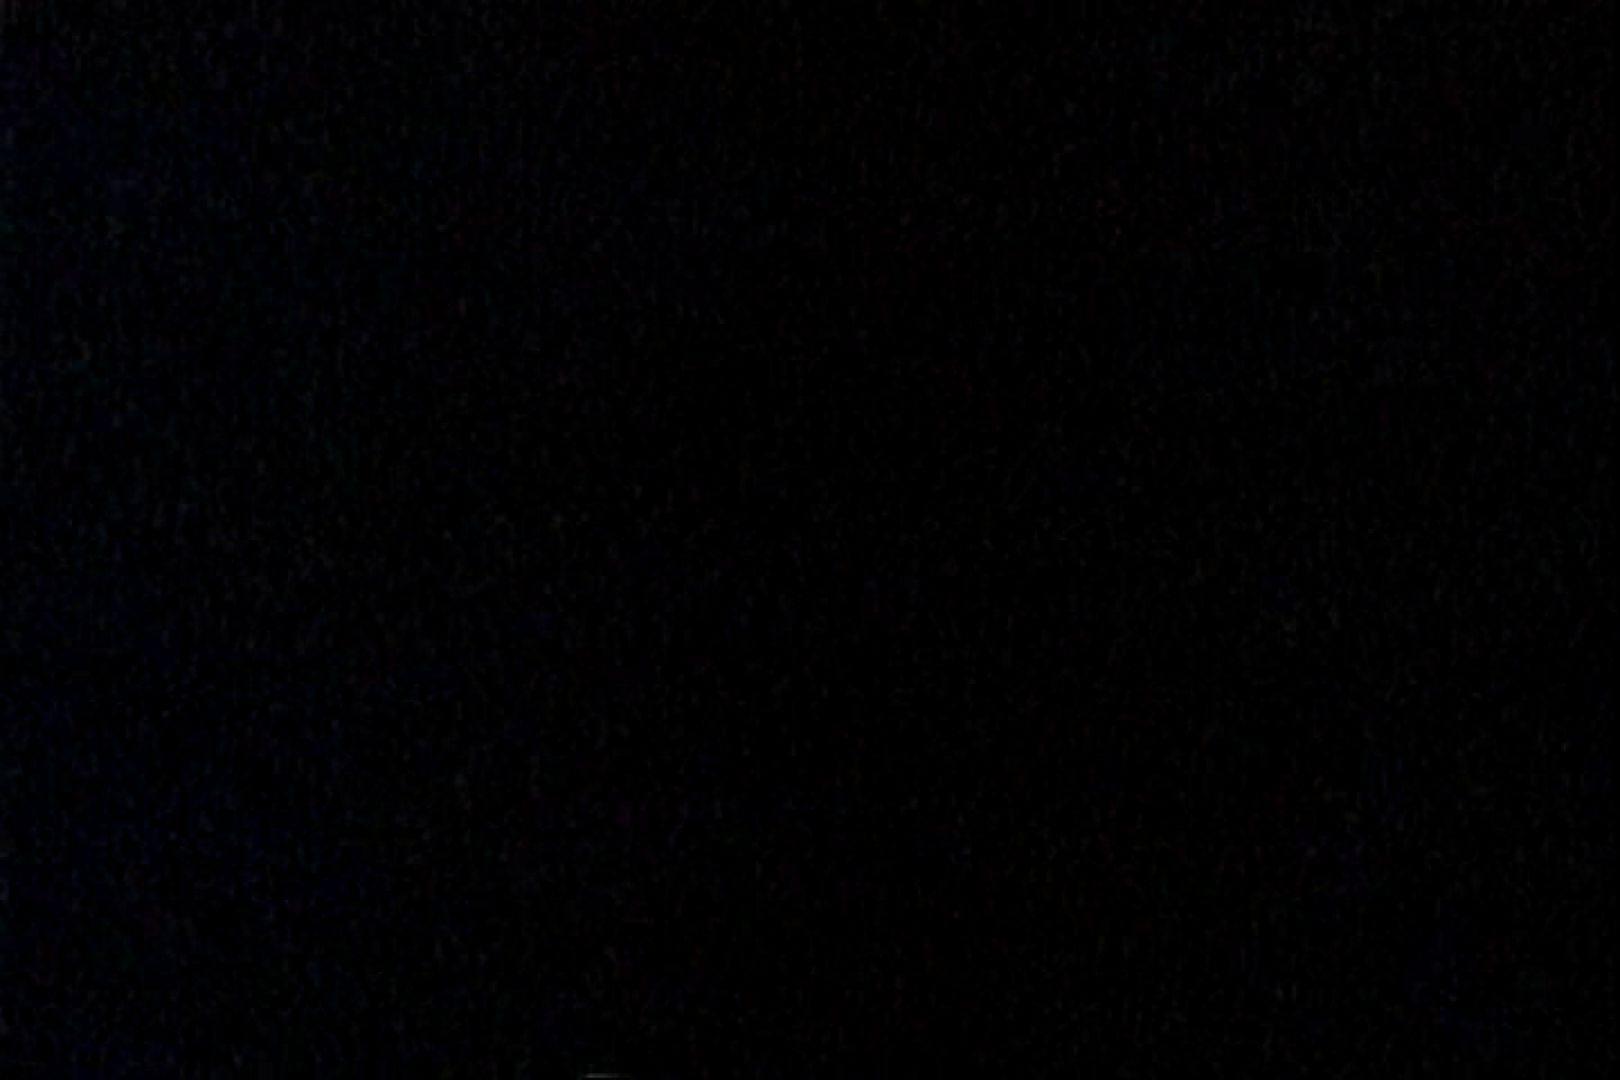 充血監督の深夜の運動会Vol.149 車 オマンコ無修正動画無料 95pic 56